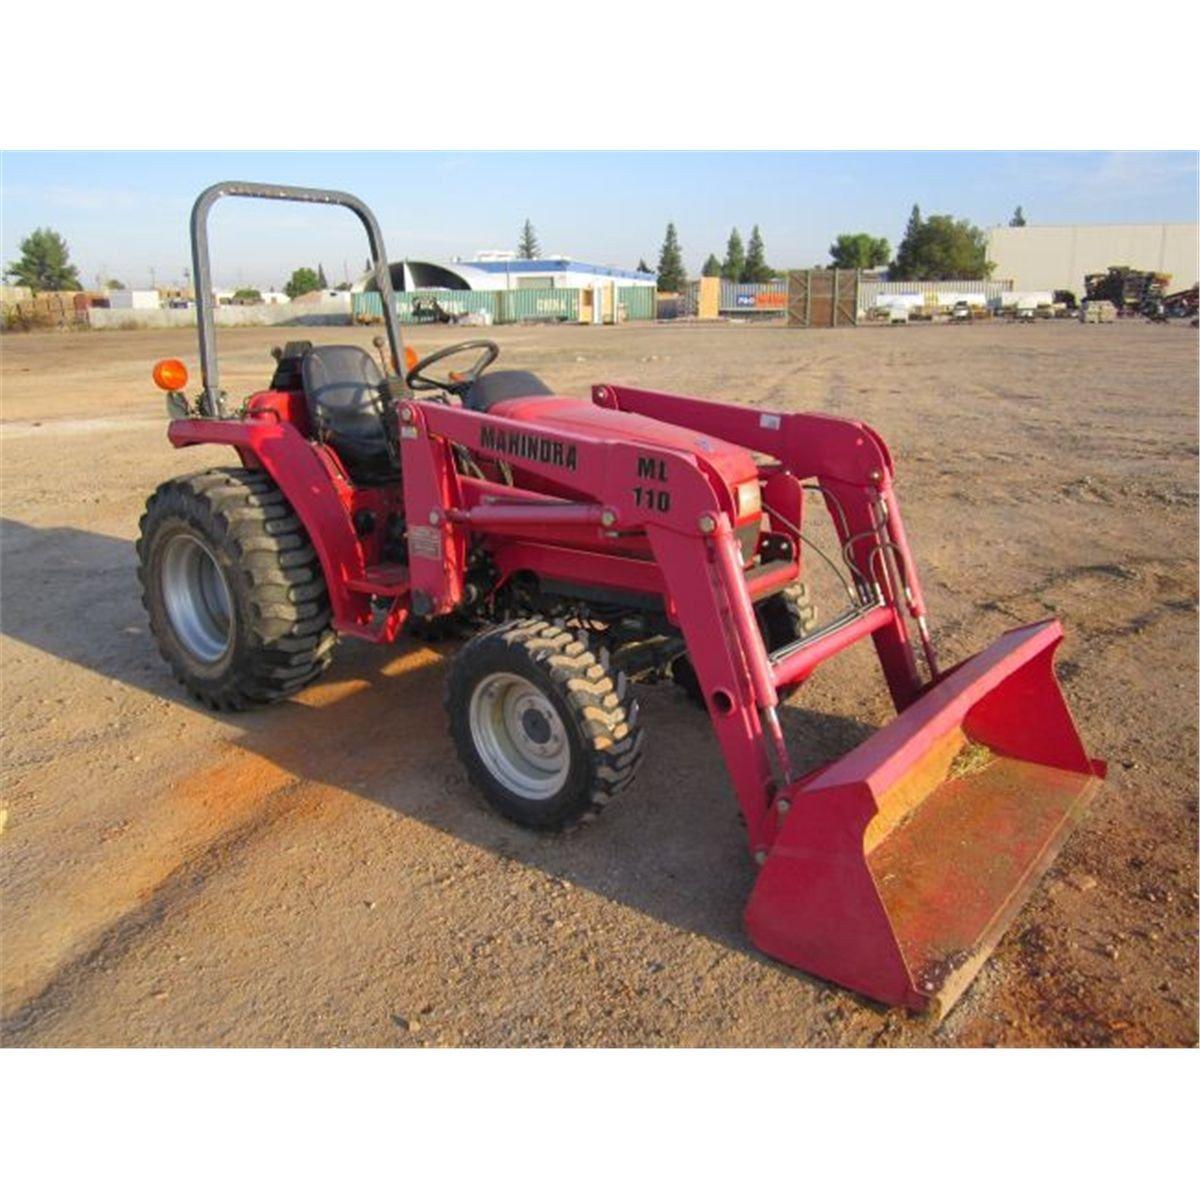 WRG-7916] Mahindra Tractor Wiring Diagram